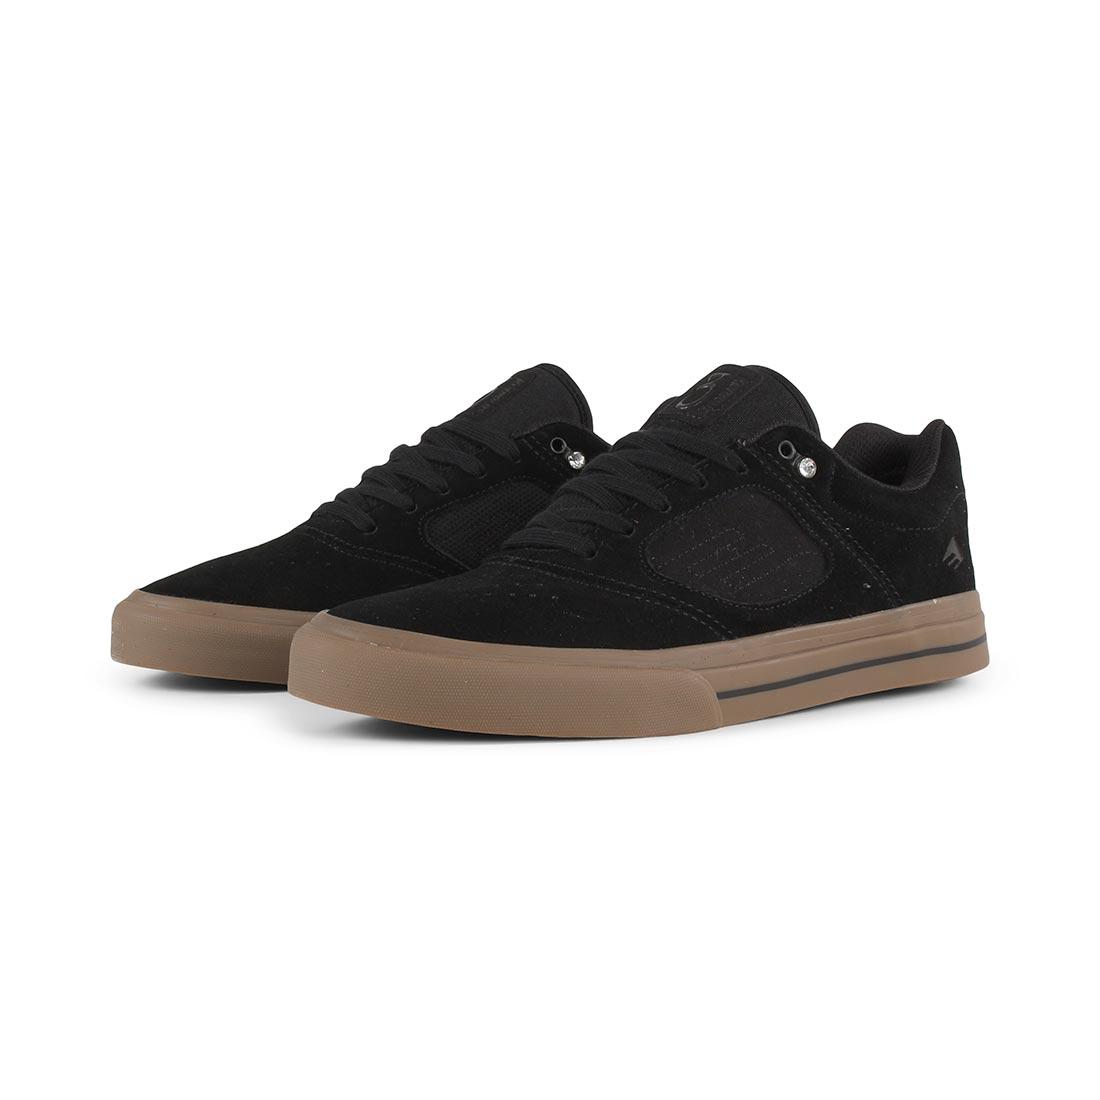 21bb66741be ... Emerica-Reynolds-3-G6-Vulc-Shoes-Black-Gum ...